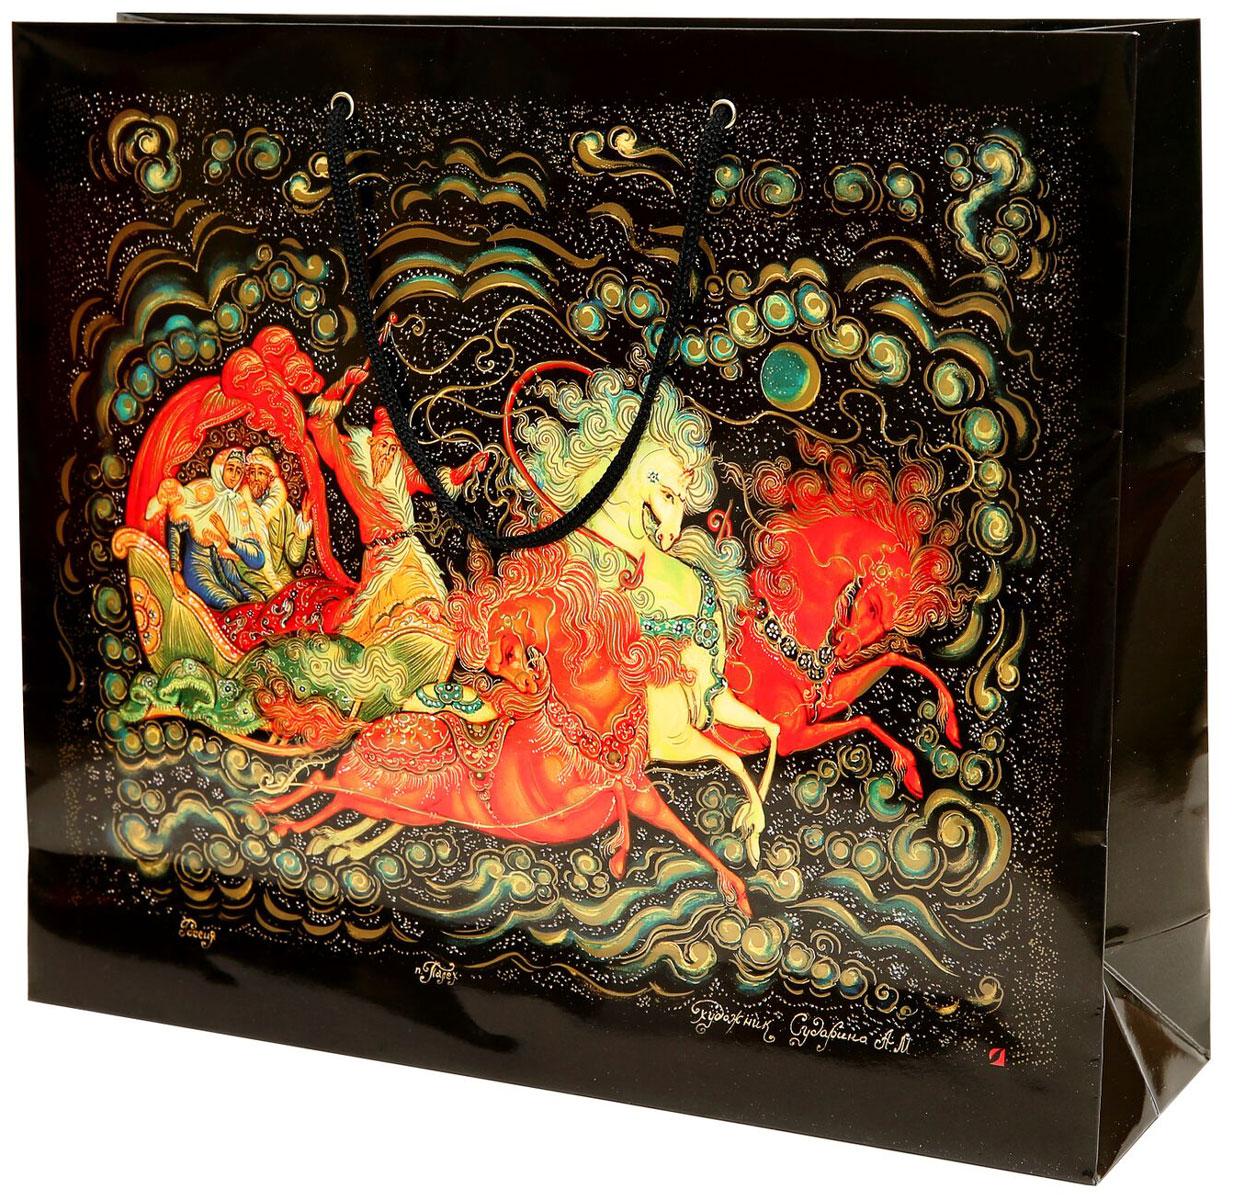 Пакет подарочный Правила Успеха Тройка, 36 x 31 x 10 см4610009214276Тип упаковки: Пакет бумажныйПараметры: 36 х Н 25 х 10 смКрасочность: СМУК (полноцвет)Отделка: Золотая краскаПокрытие: Глянцевое